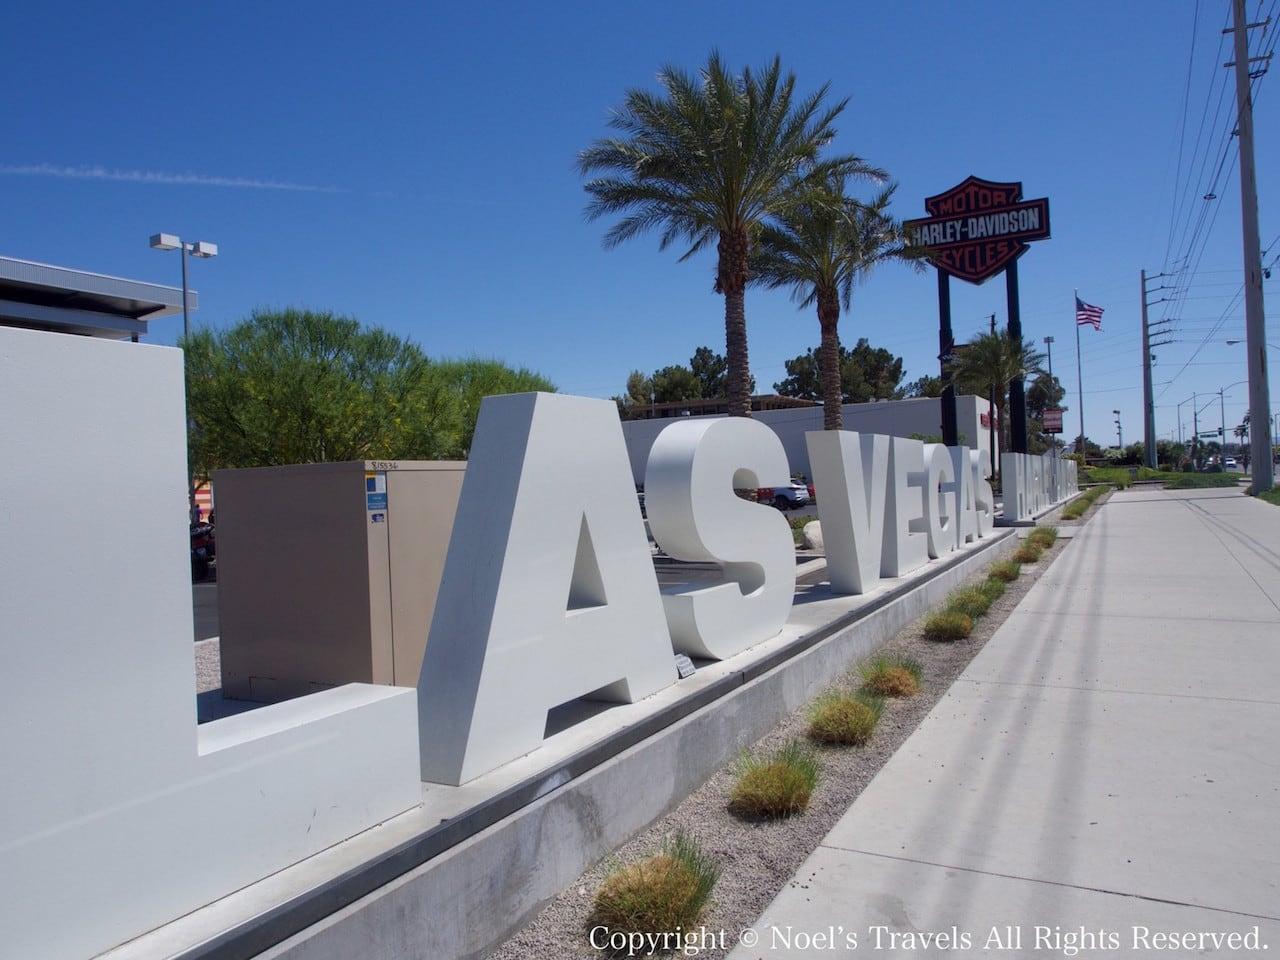 ラスベガスのハーレー・ダビッドソン前のサイン